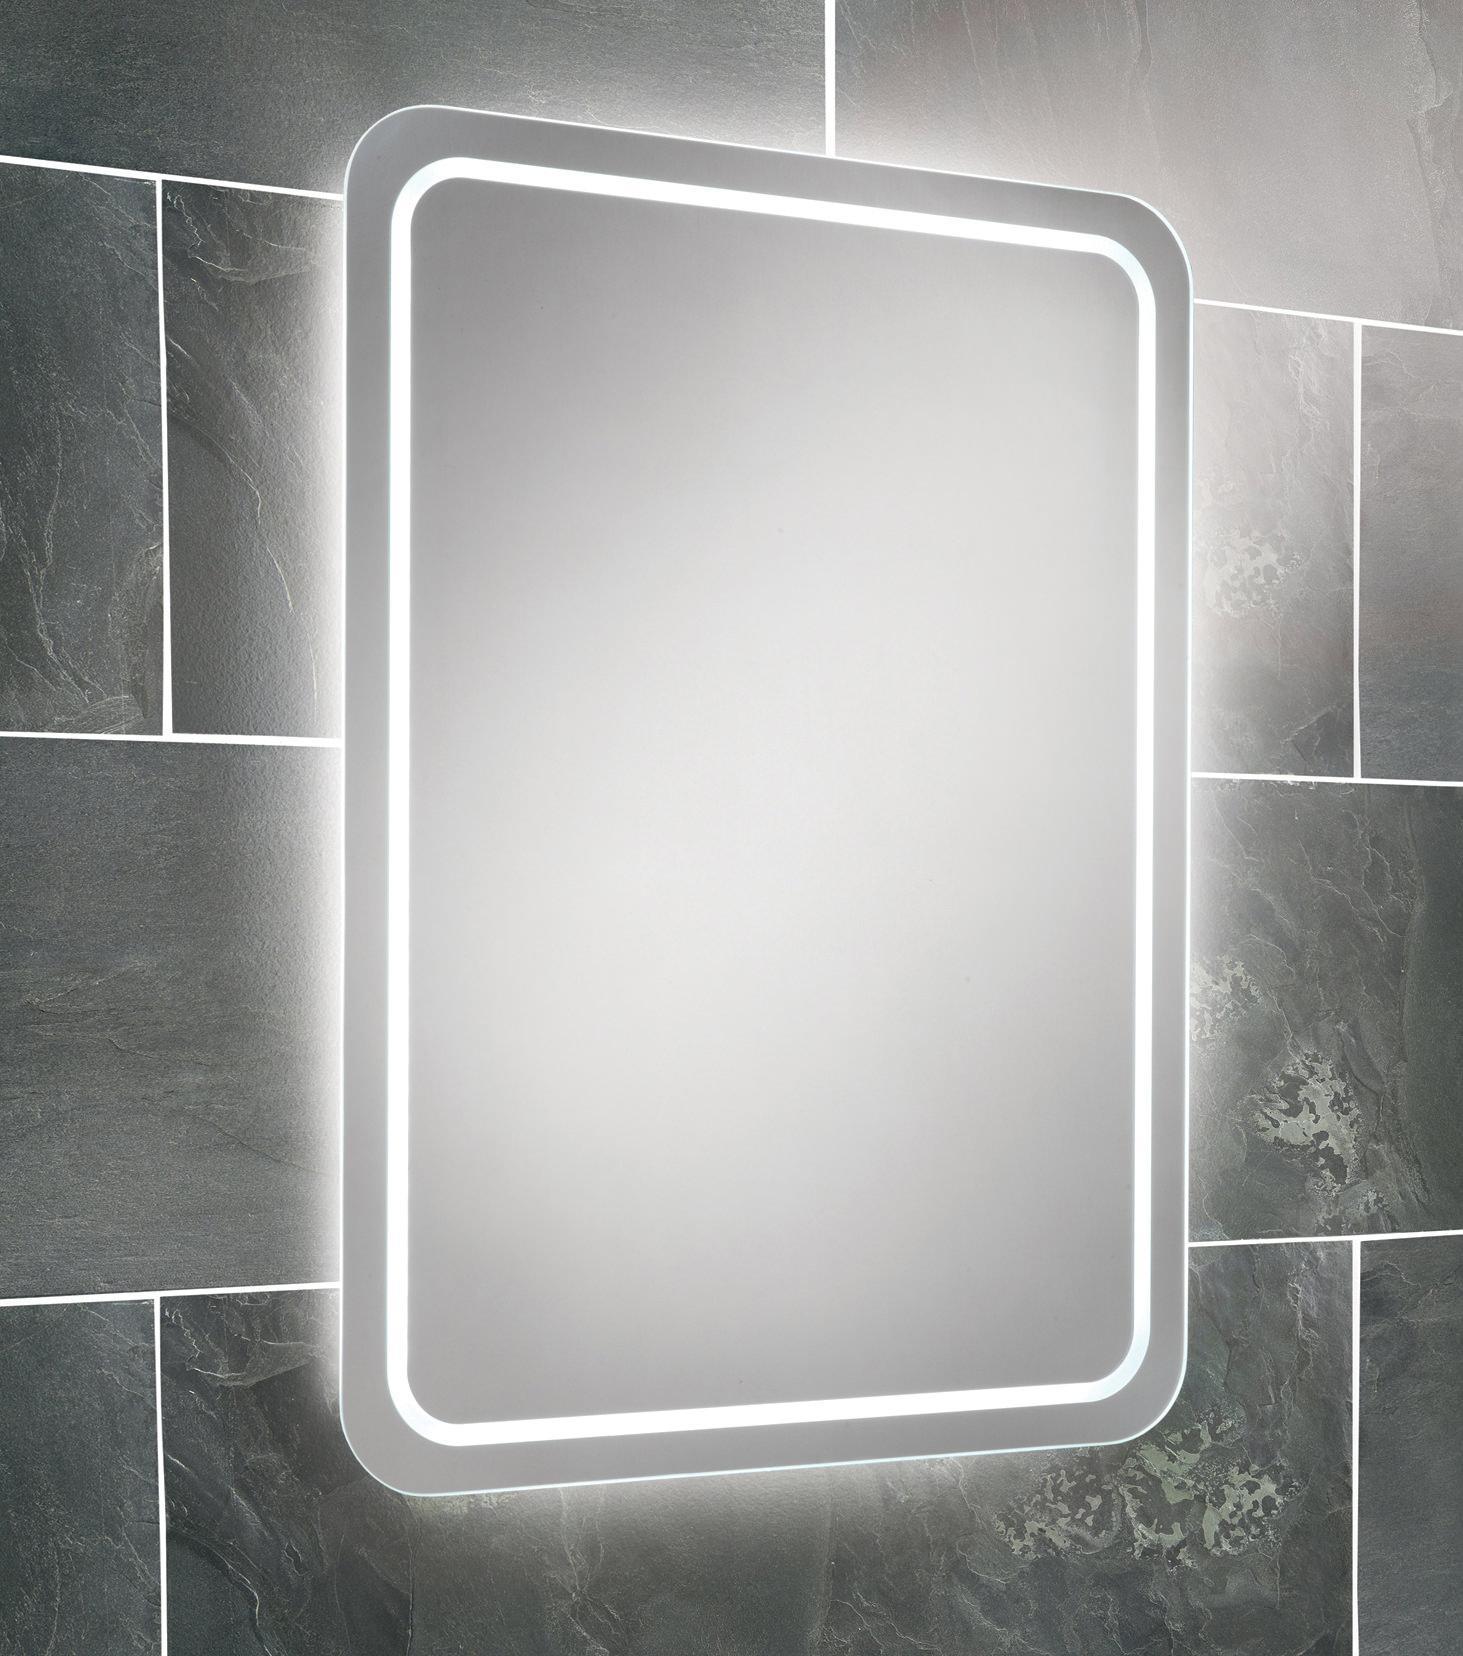 Hib Natalia Led Back Lit Mirror 500 X 700Mm | 64154395 Within Large Illuminated Mirror (Image 14 of 20)